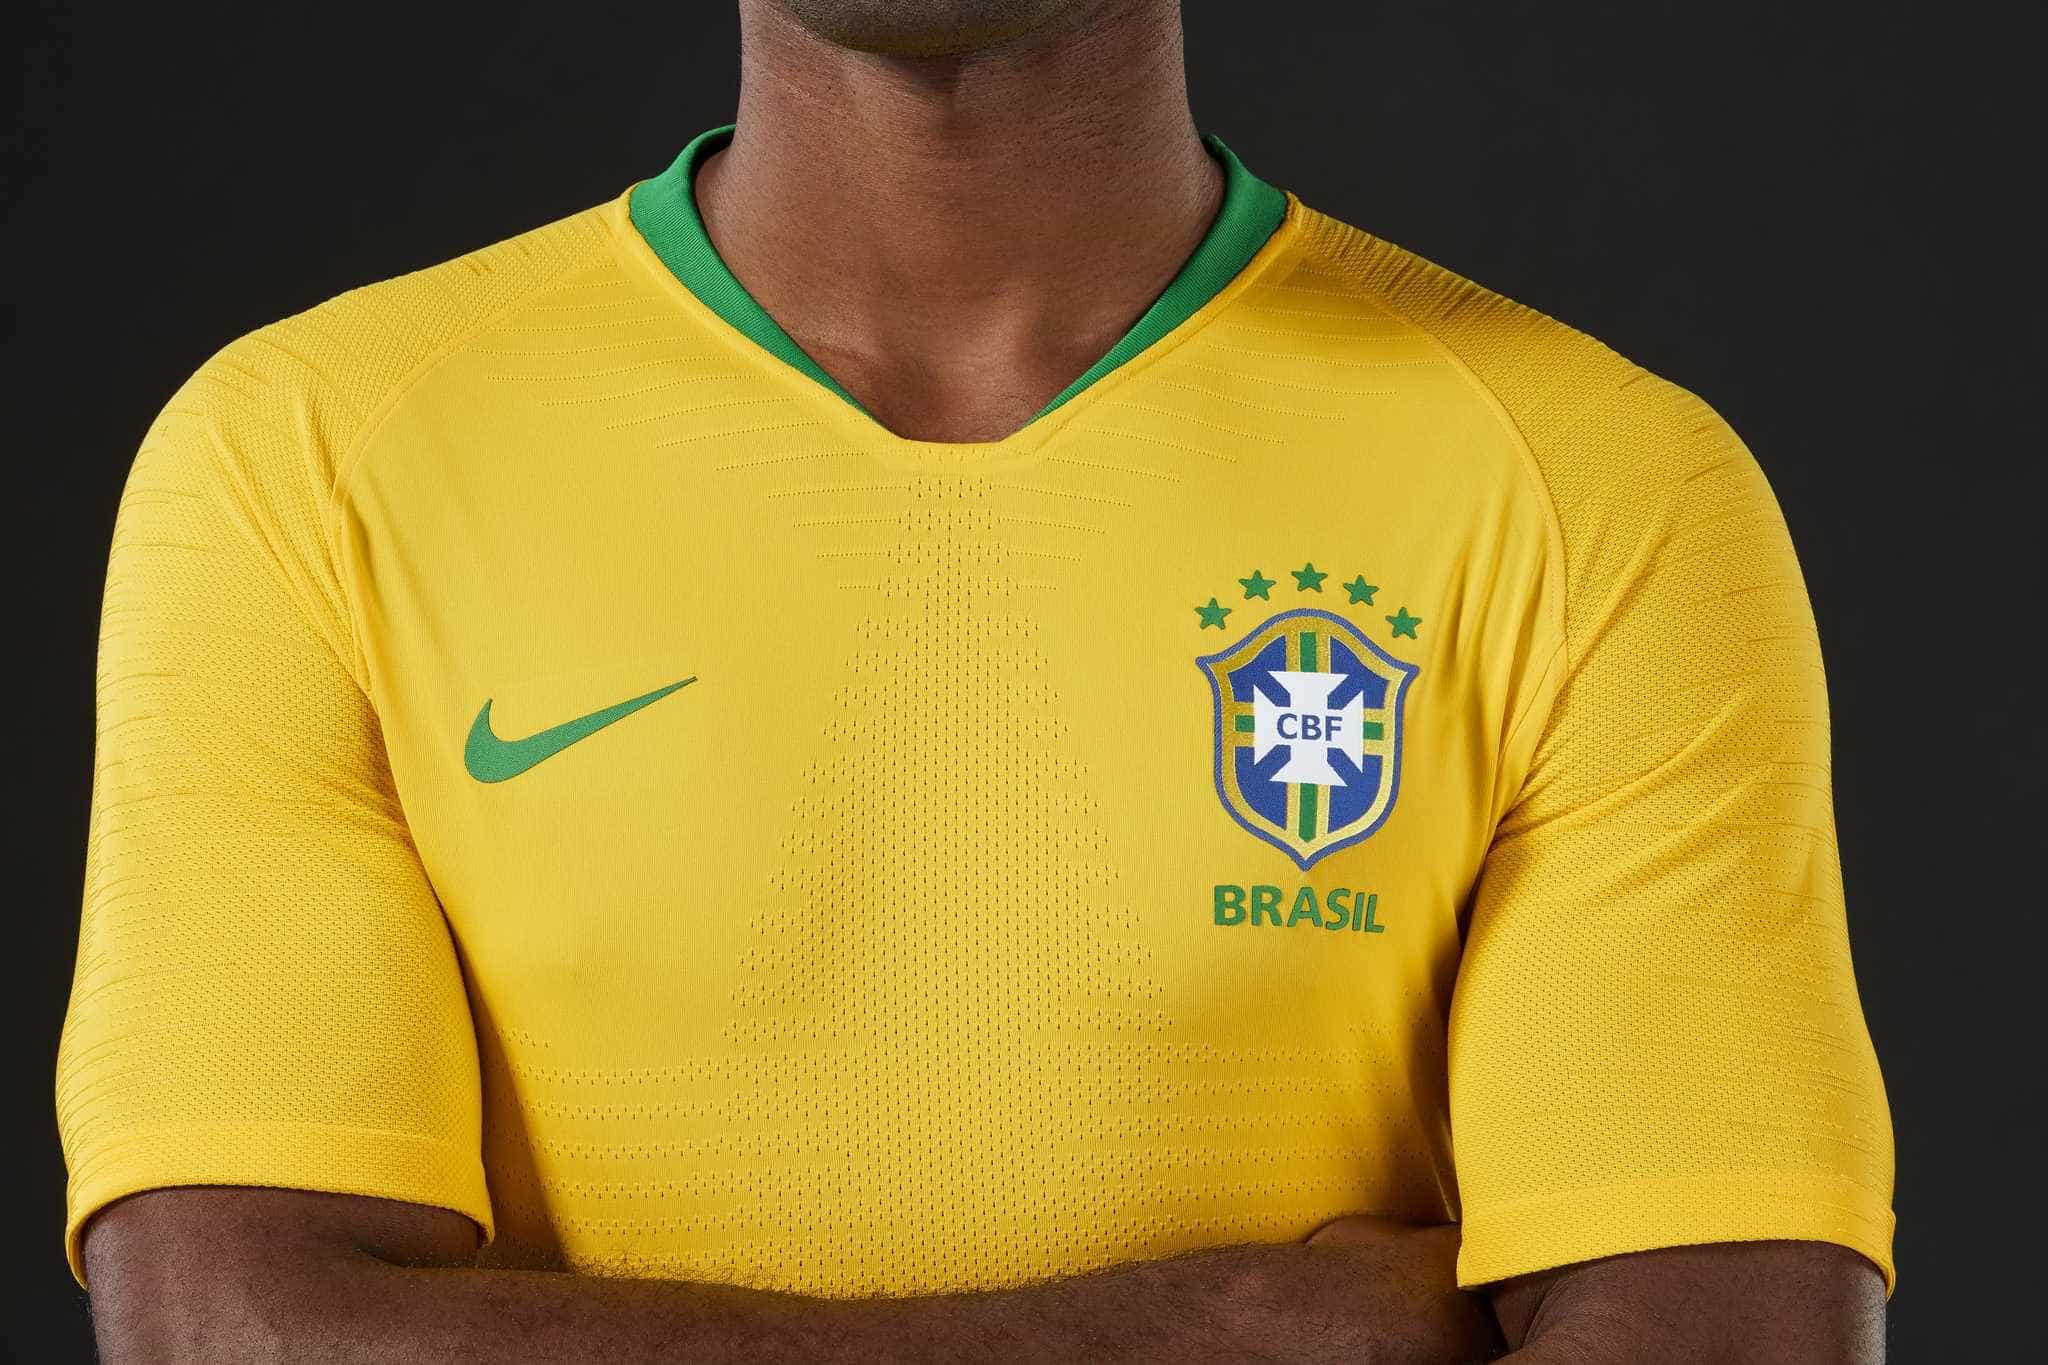 Novo golpe no WhatsApp promete camisa da seleção de graça